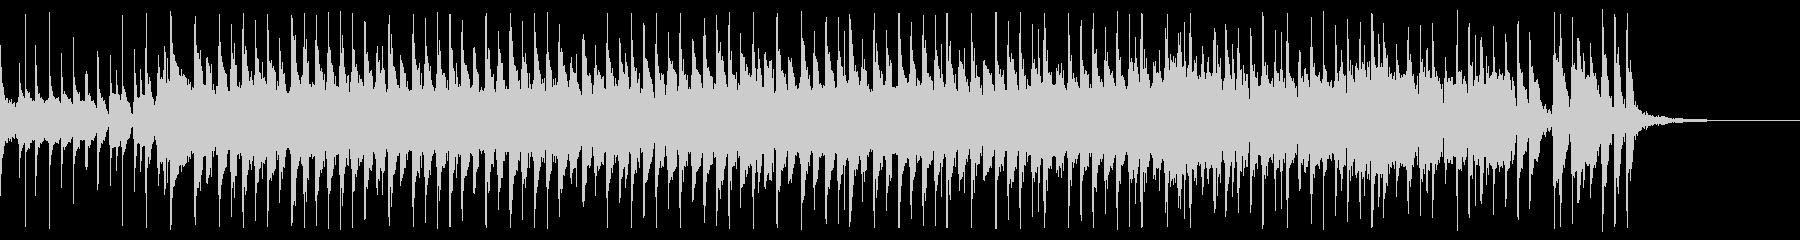 可愛い和風ポップロックの未再生の波形